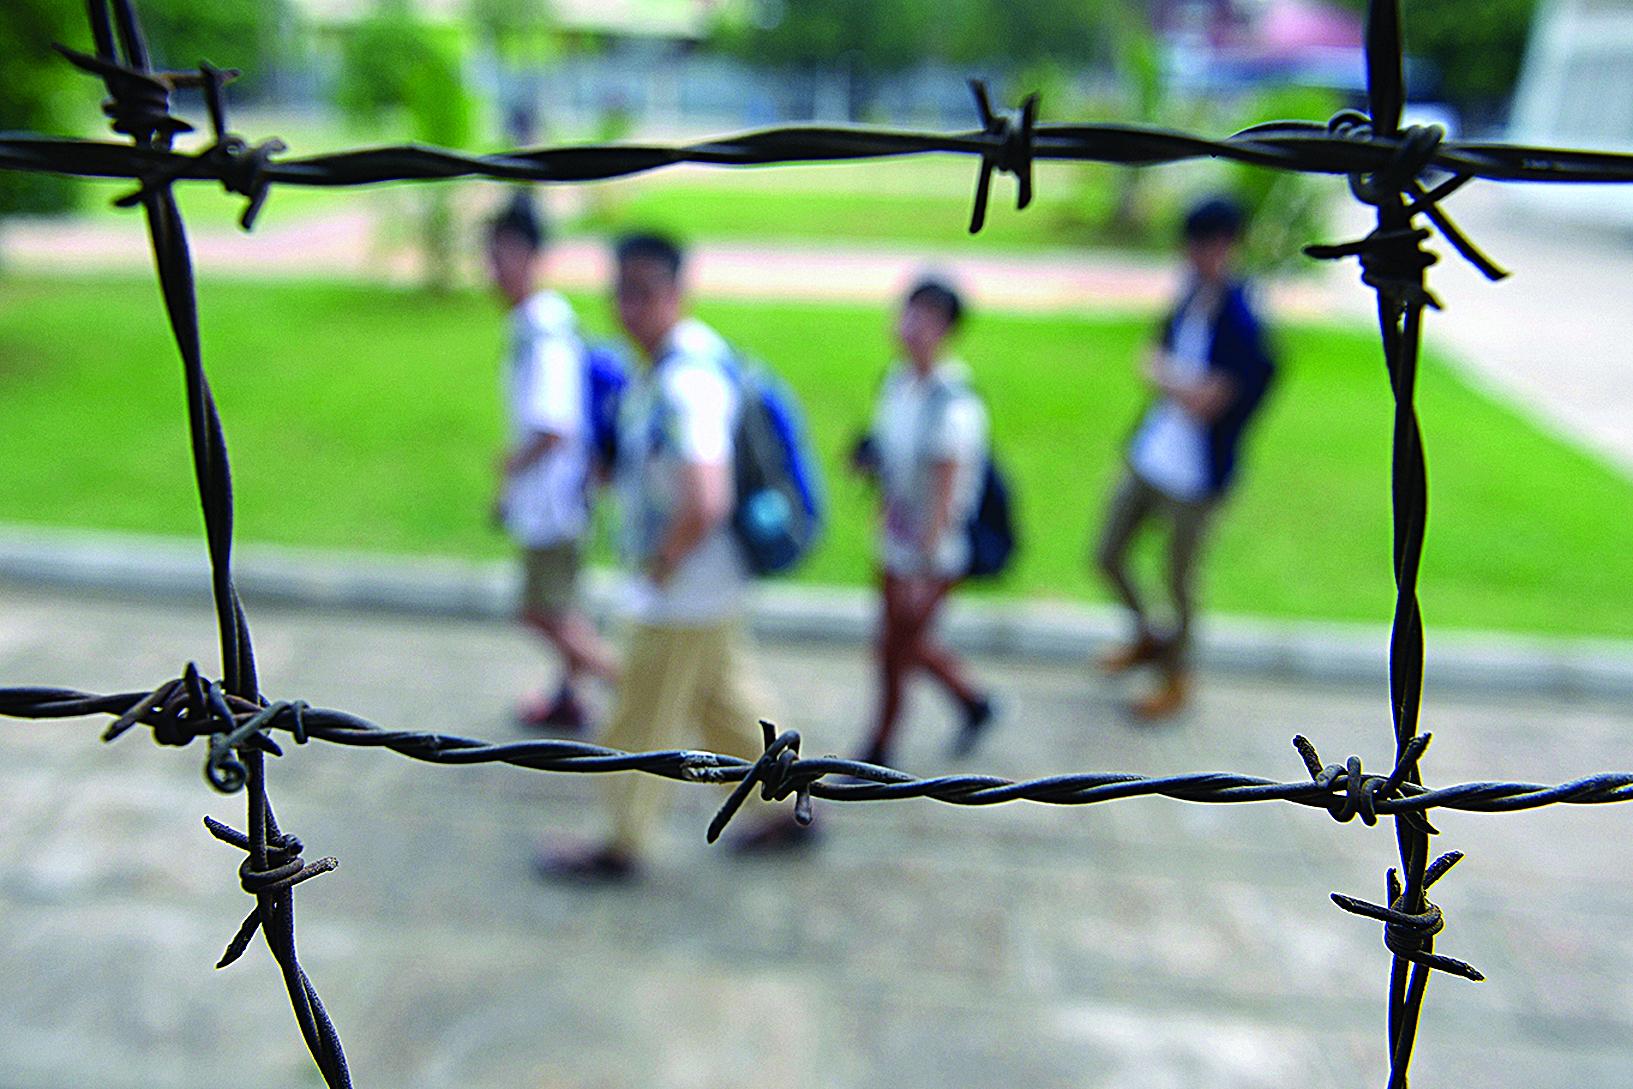 柬埔寨的吐斯廉屠殺博物館由前赤棉的集中營監獄改建而成,揭露共產暴政殘害人民的罪惡。圖為人們從該監獄的鐵絲網外面走過。(Getty Images)